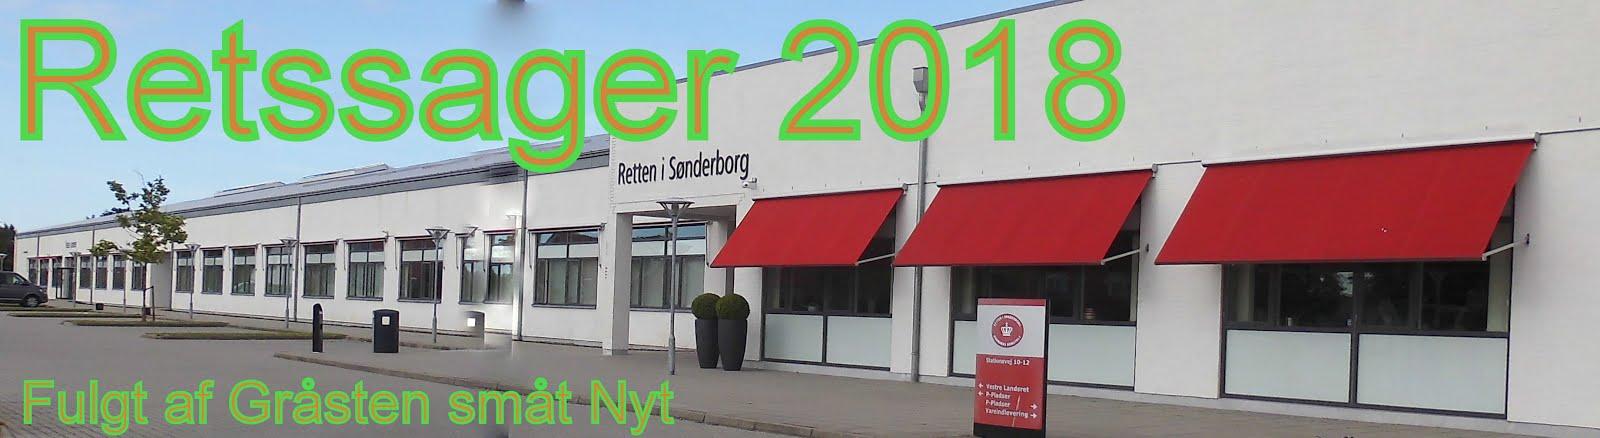 Retssager  som er fulgt af Gråsten småt Nyt ved retten i Sønderborg i 2018-19  (klik på billede)